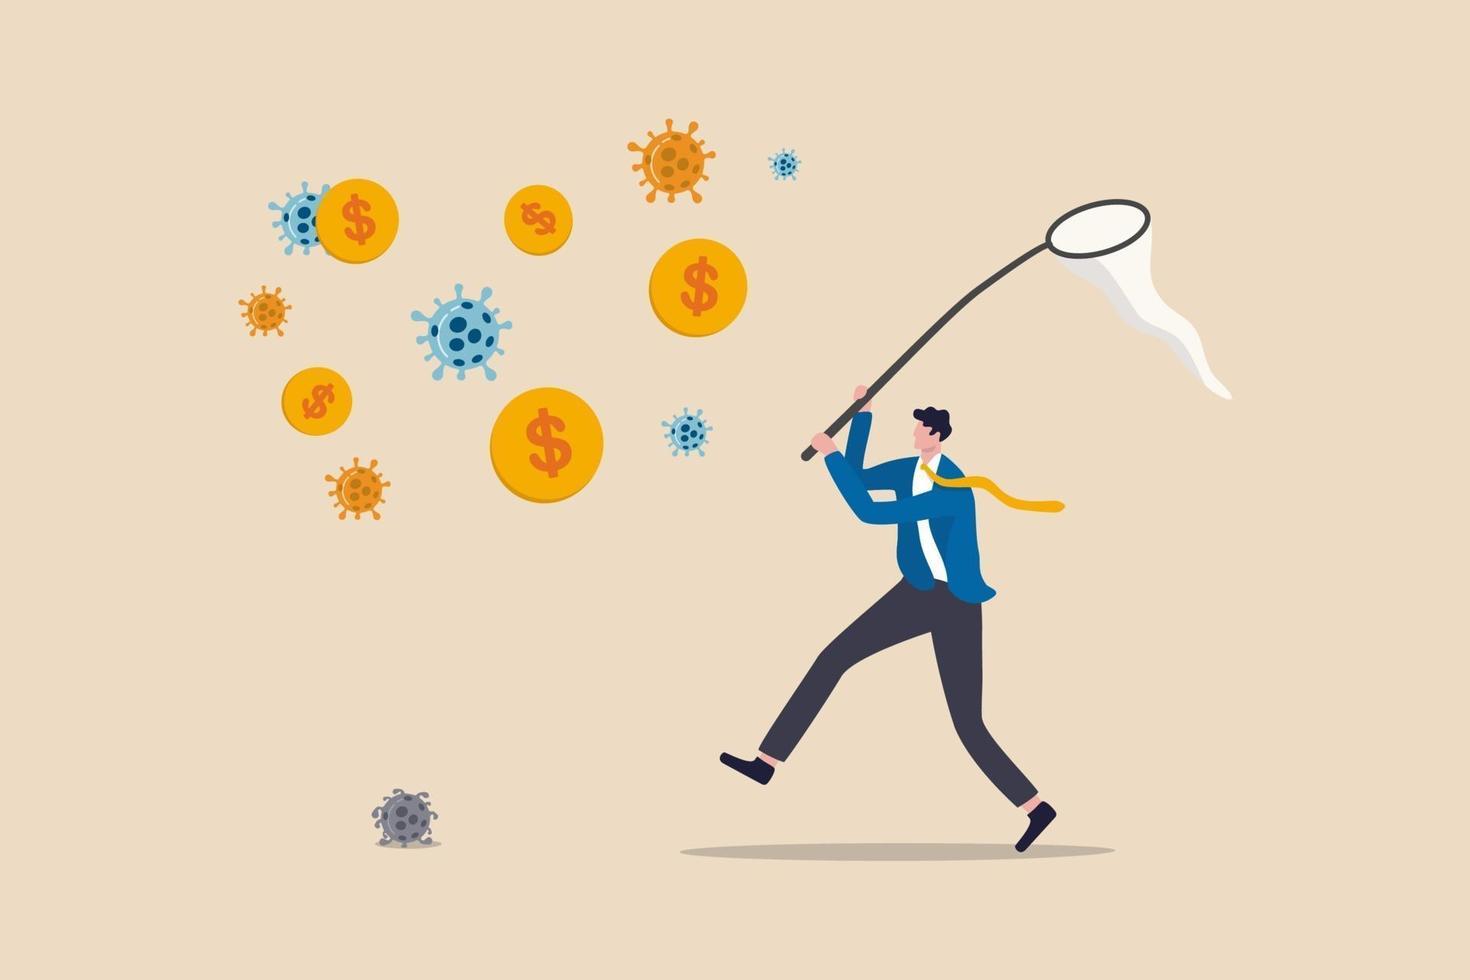 investera i koronavirusutbrott, företag och företag för att tjäna pengar och överleva i covid-19-ekonomikriskoncept, affärsmaninvesterare riskerar att springa i covid-19-patogen för att fånga dollarmyntpengar. vektor